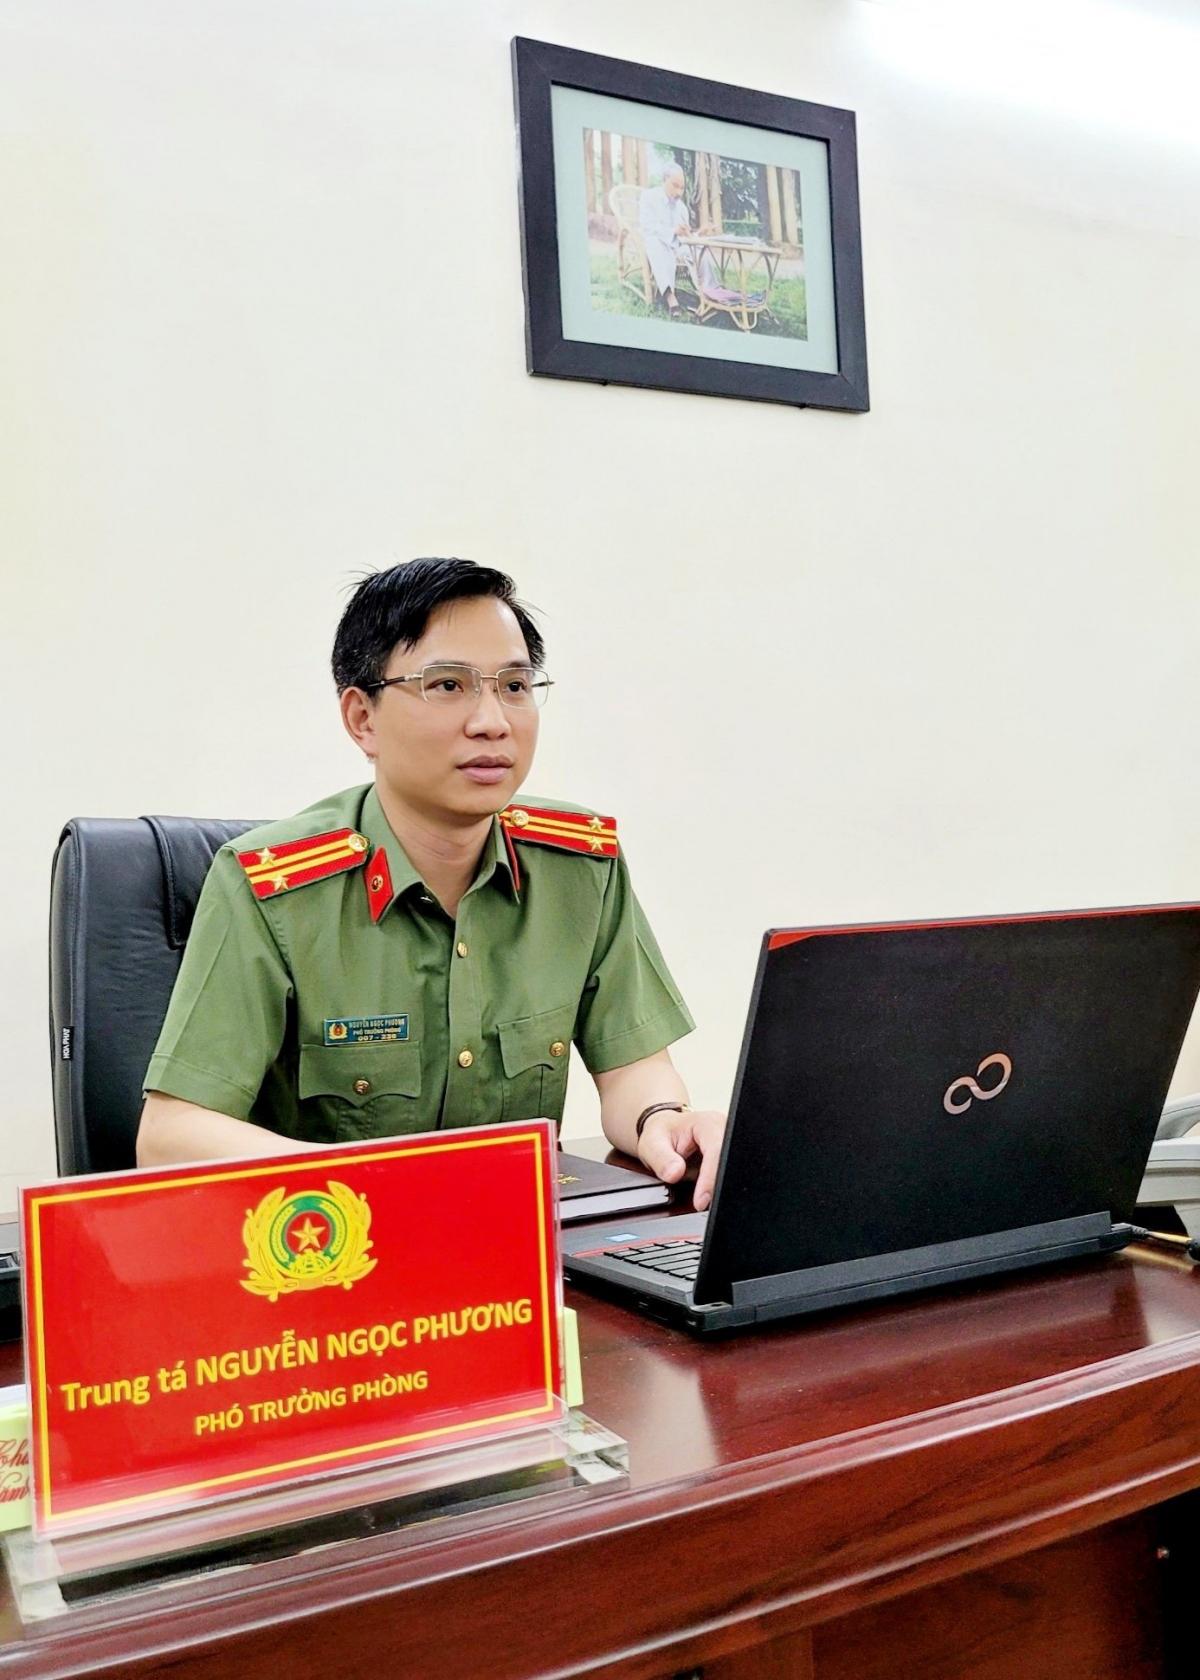 Trung tá Nguyễn Ngọc Phương, Phó Trưởng phòng An ninh báo chí xuất bản.